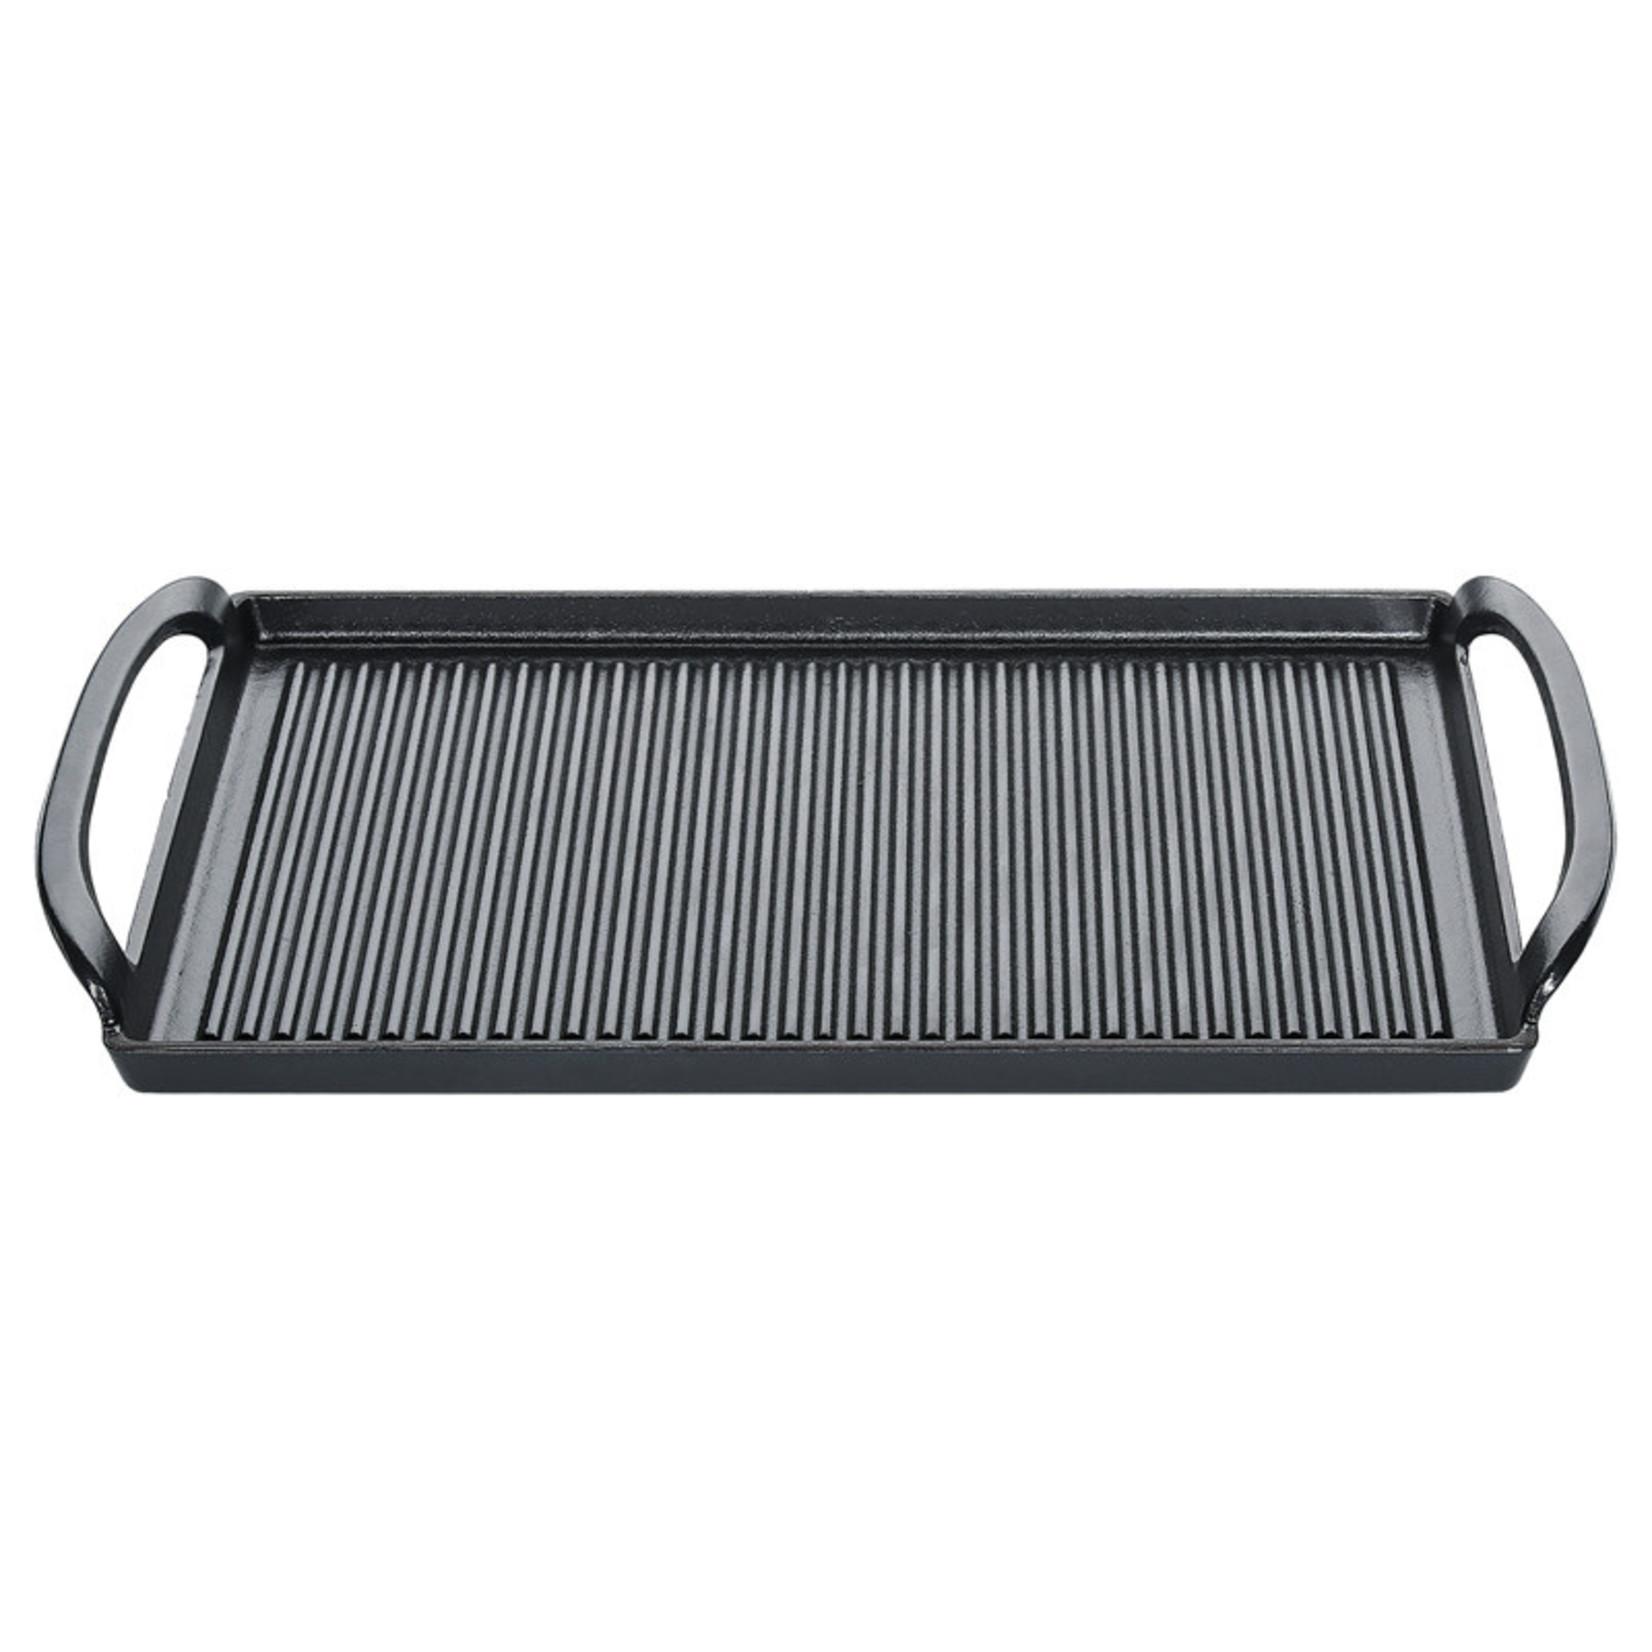 Küchenprofi Zwarte geëmailleerde gietijzeren grillplaat 38x23cm